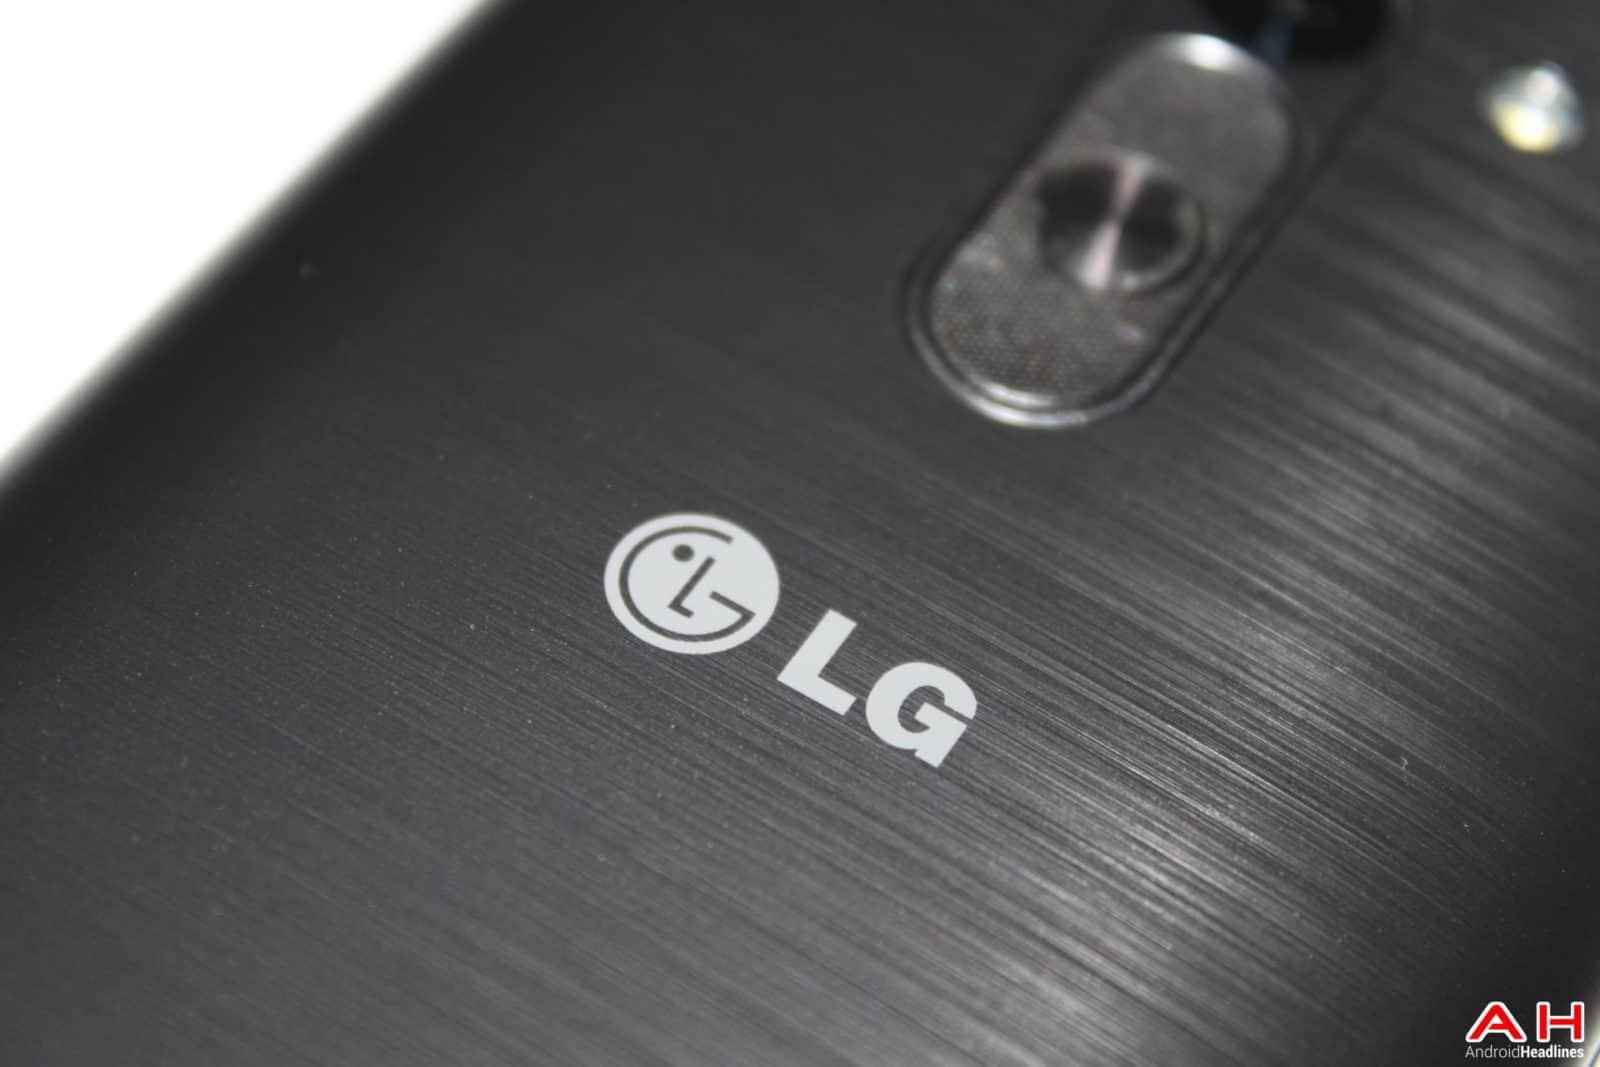 AH LG LOGO Vista -7